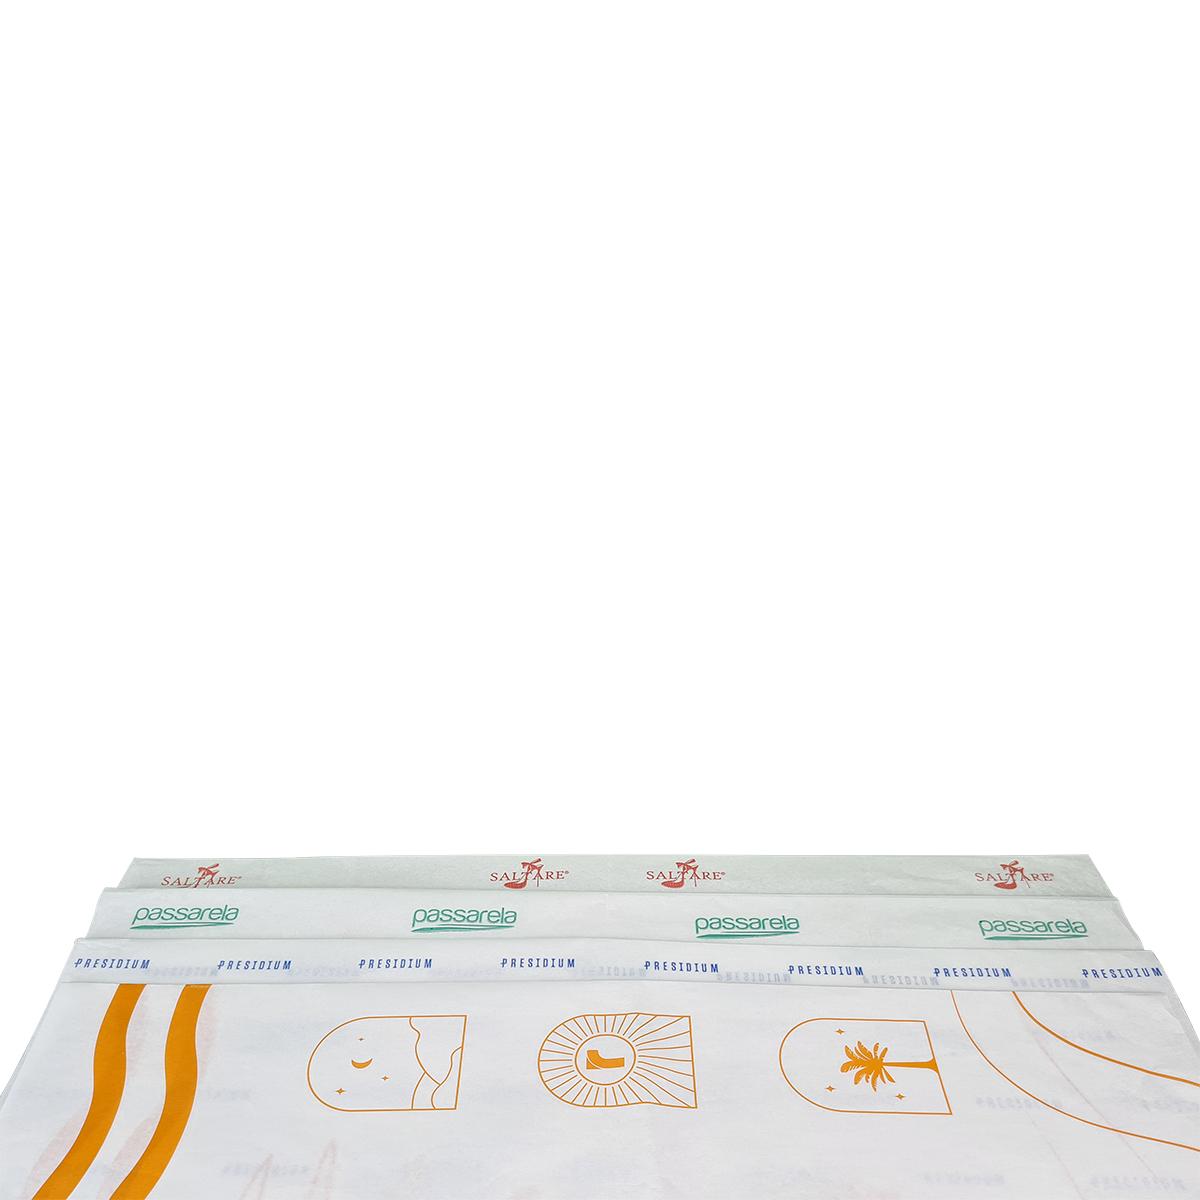 Papel de Seda Personalizado 20g/m - Tamanho 50 x 70 - Linha paper 7703  - Litex Embalagens